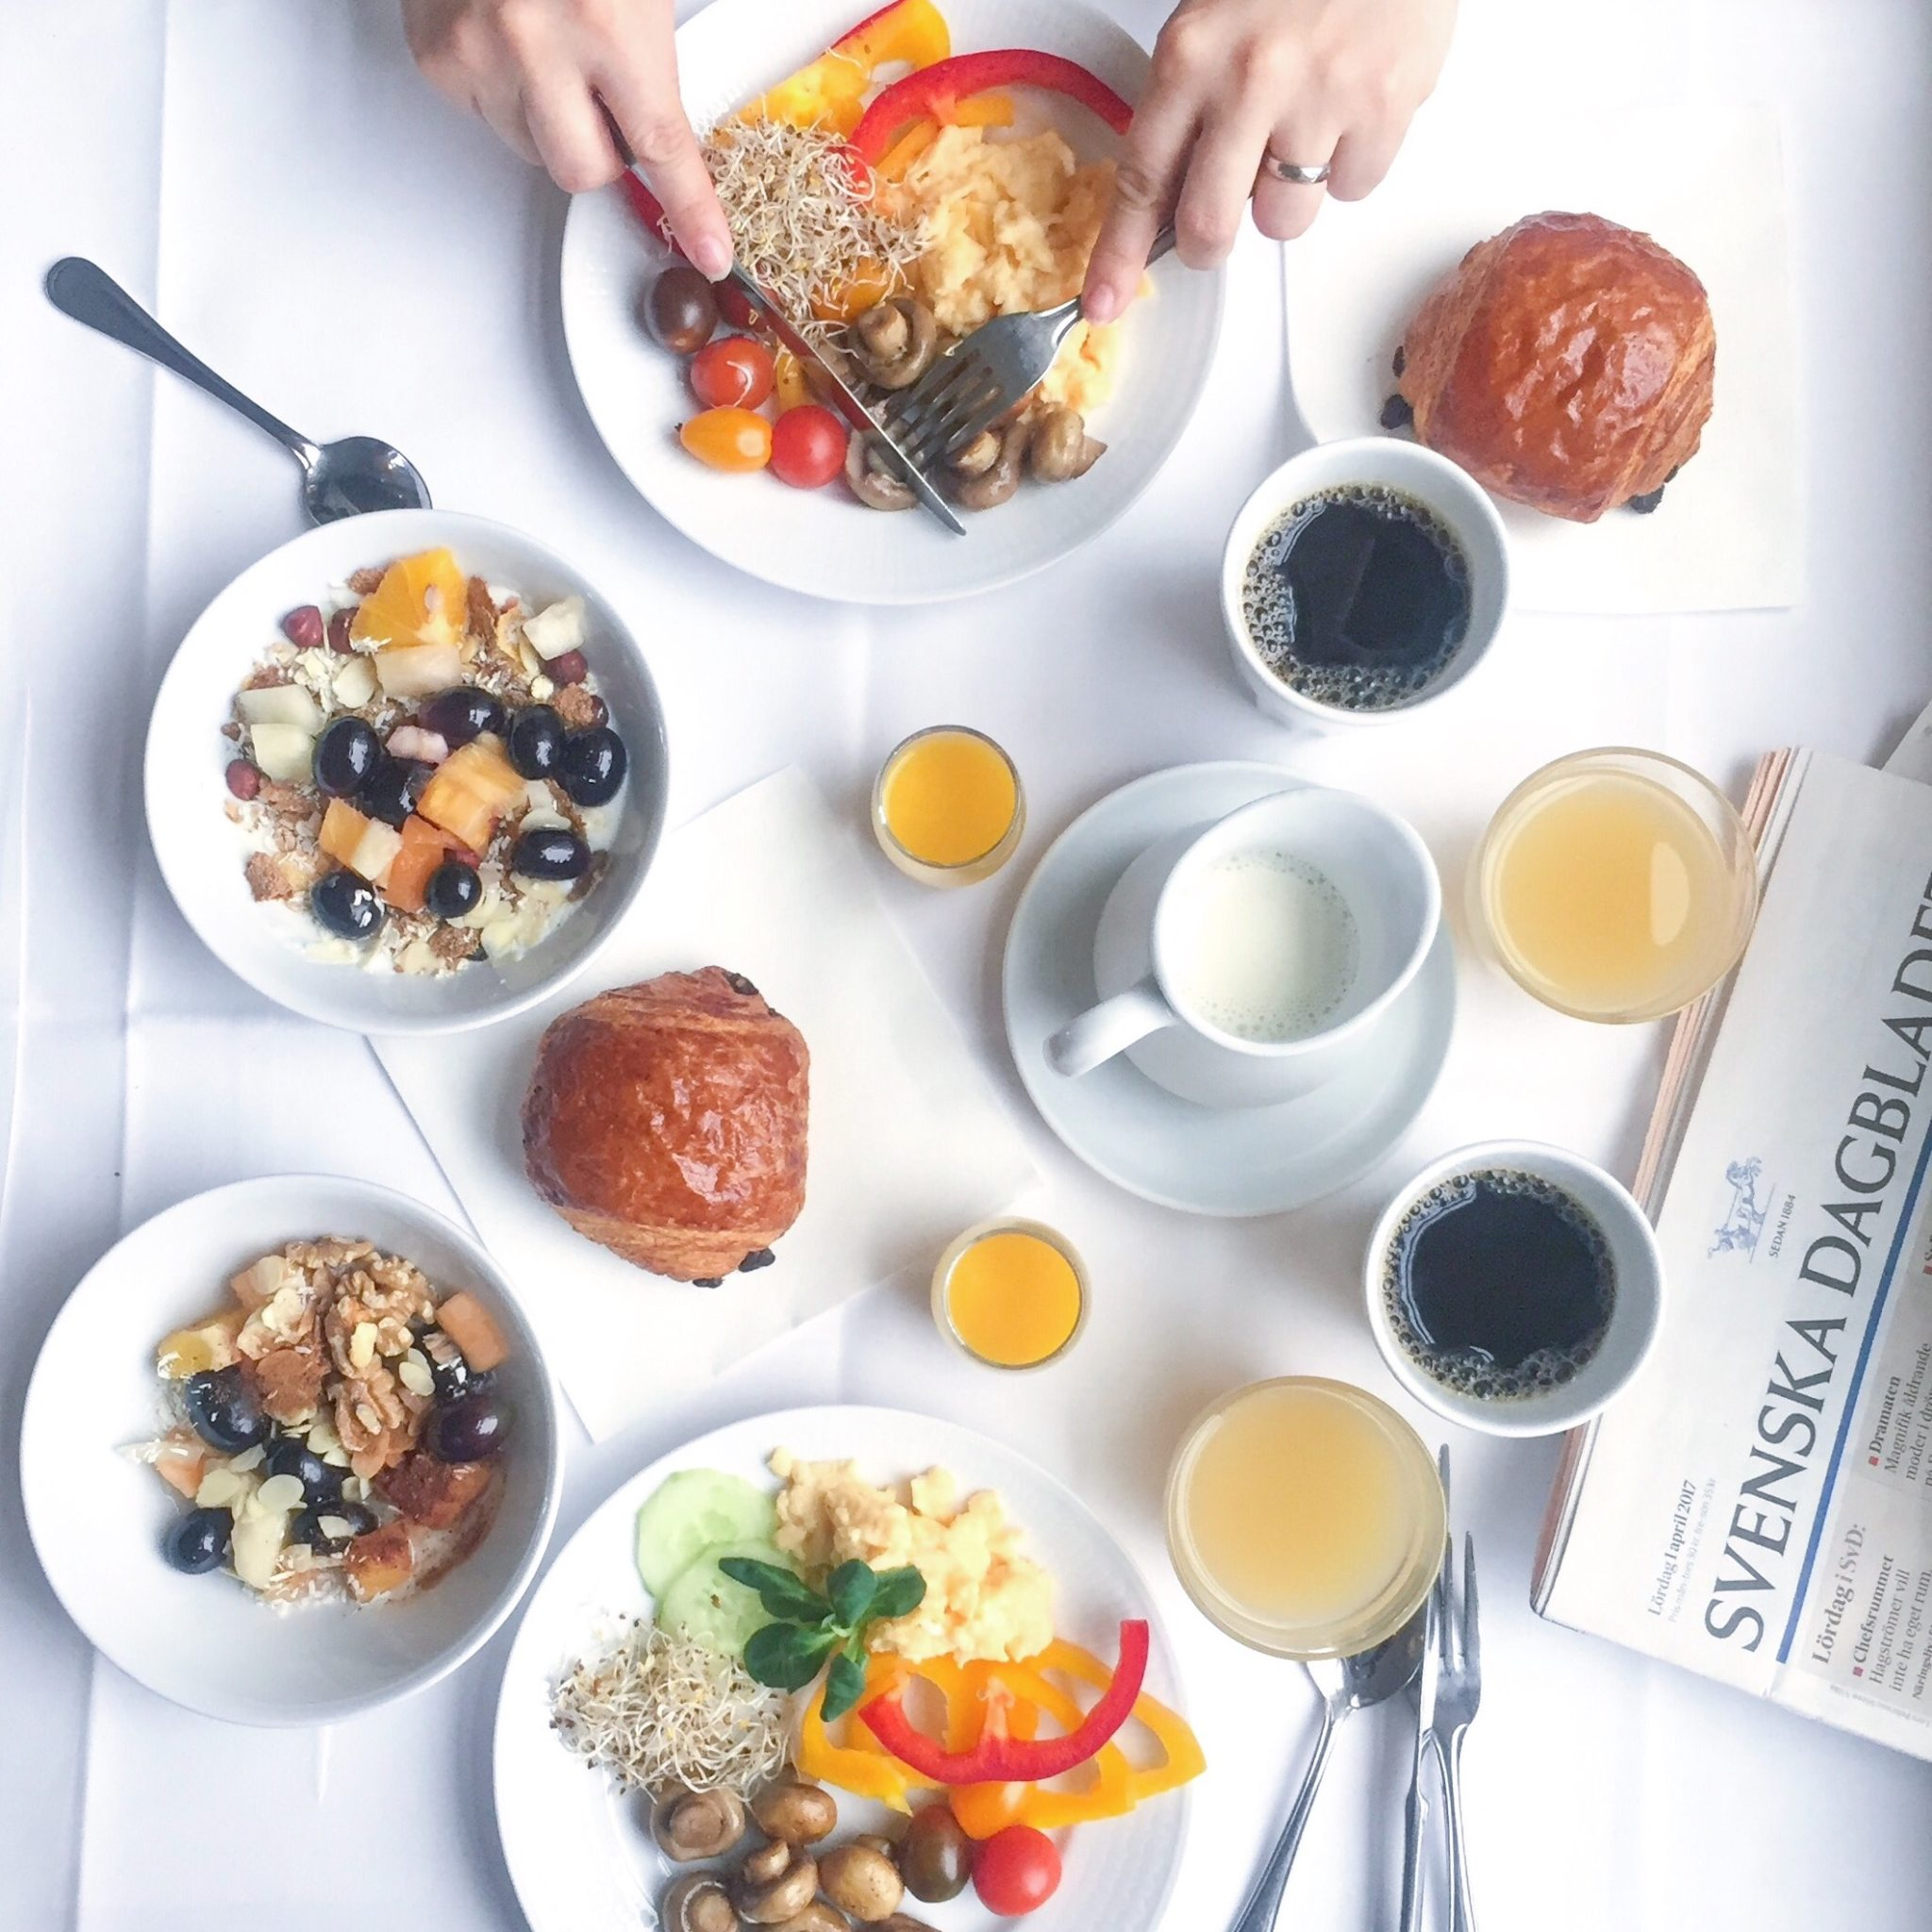 Hotelmorgenmad med æg, frugt, nødder, pain au chocolat, kaffe, juice, svensk avis. Med hvid baggrund